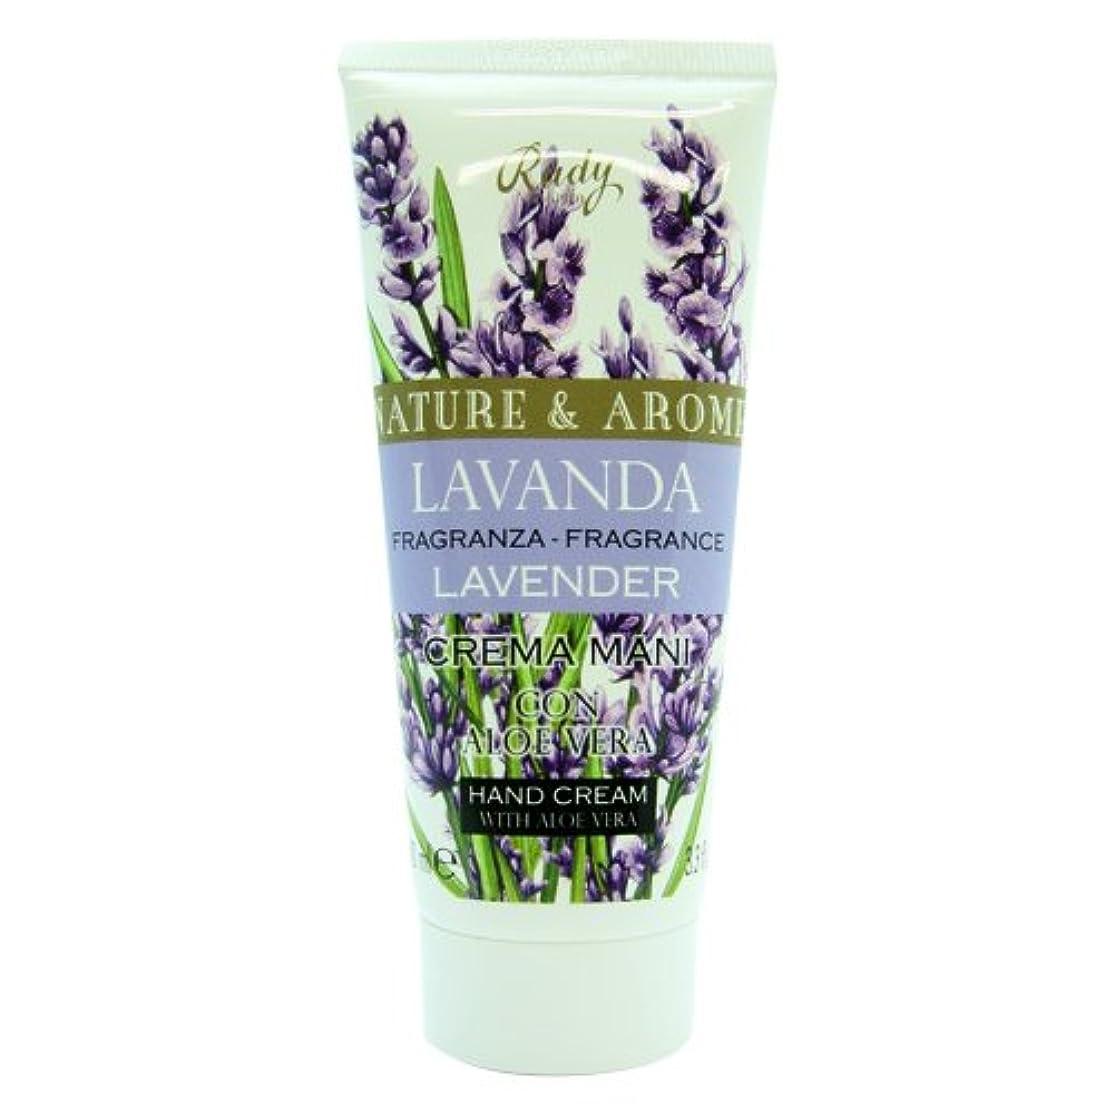 傾向があるジャベスウィルソンなのでRUDY Nature&Arome SERIES ルディ ナチュール&アロマ Hand Cream ハンドクリーム  Lavender ラベンダー